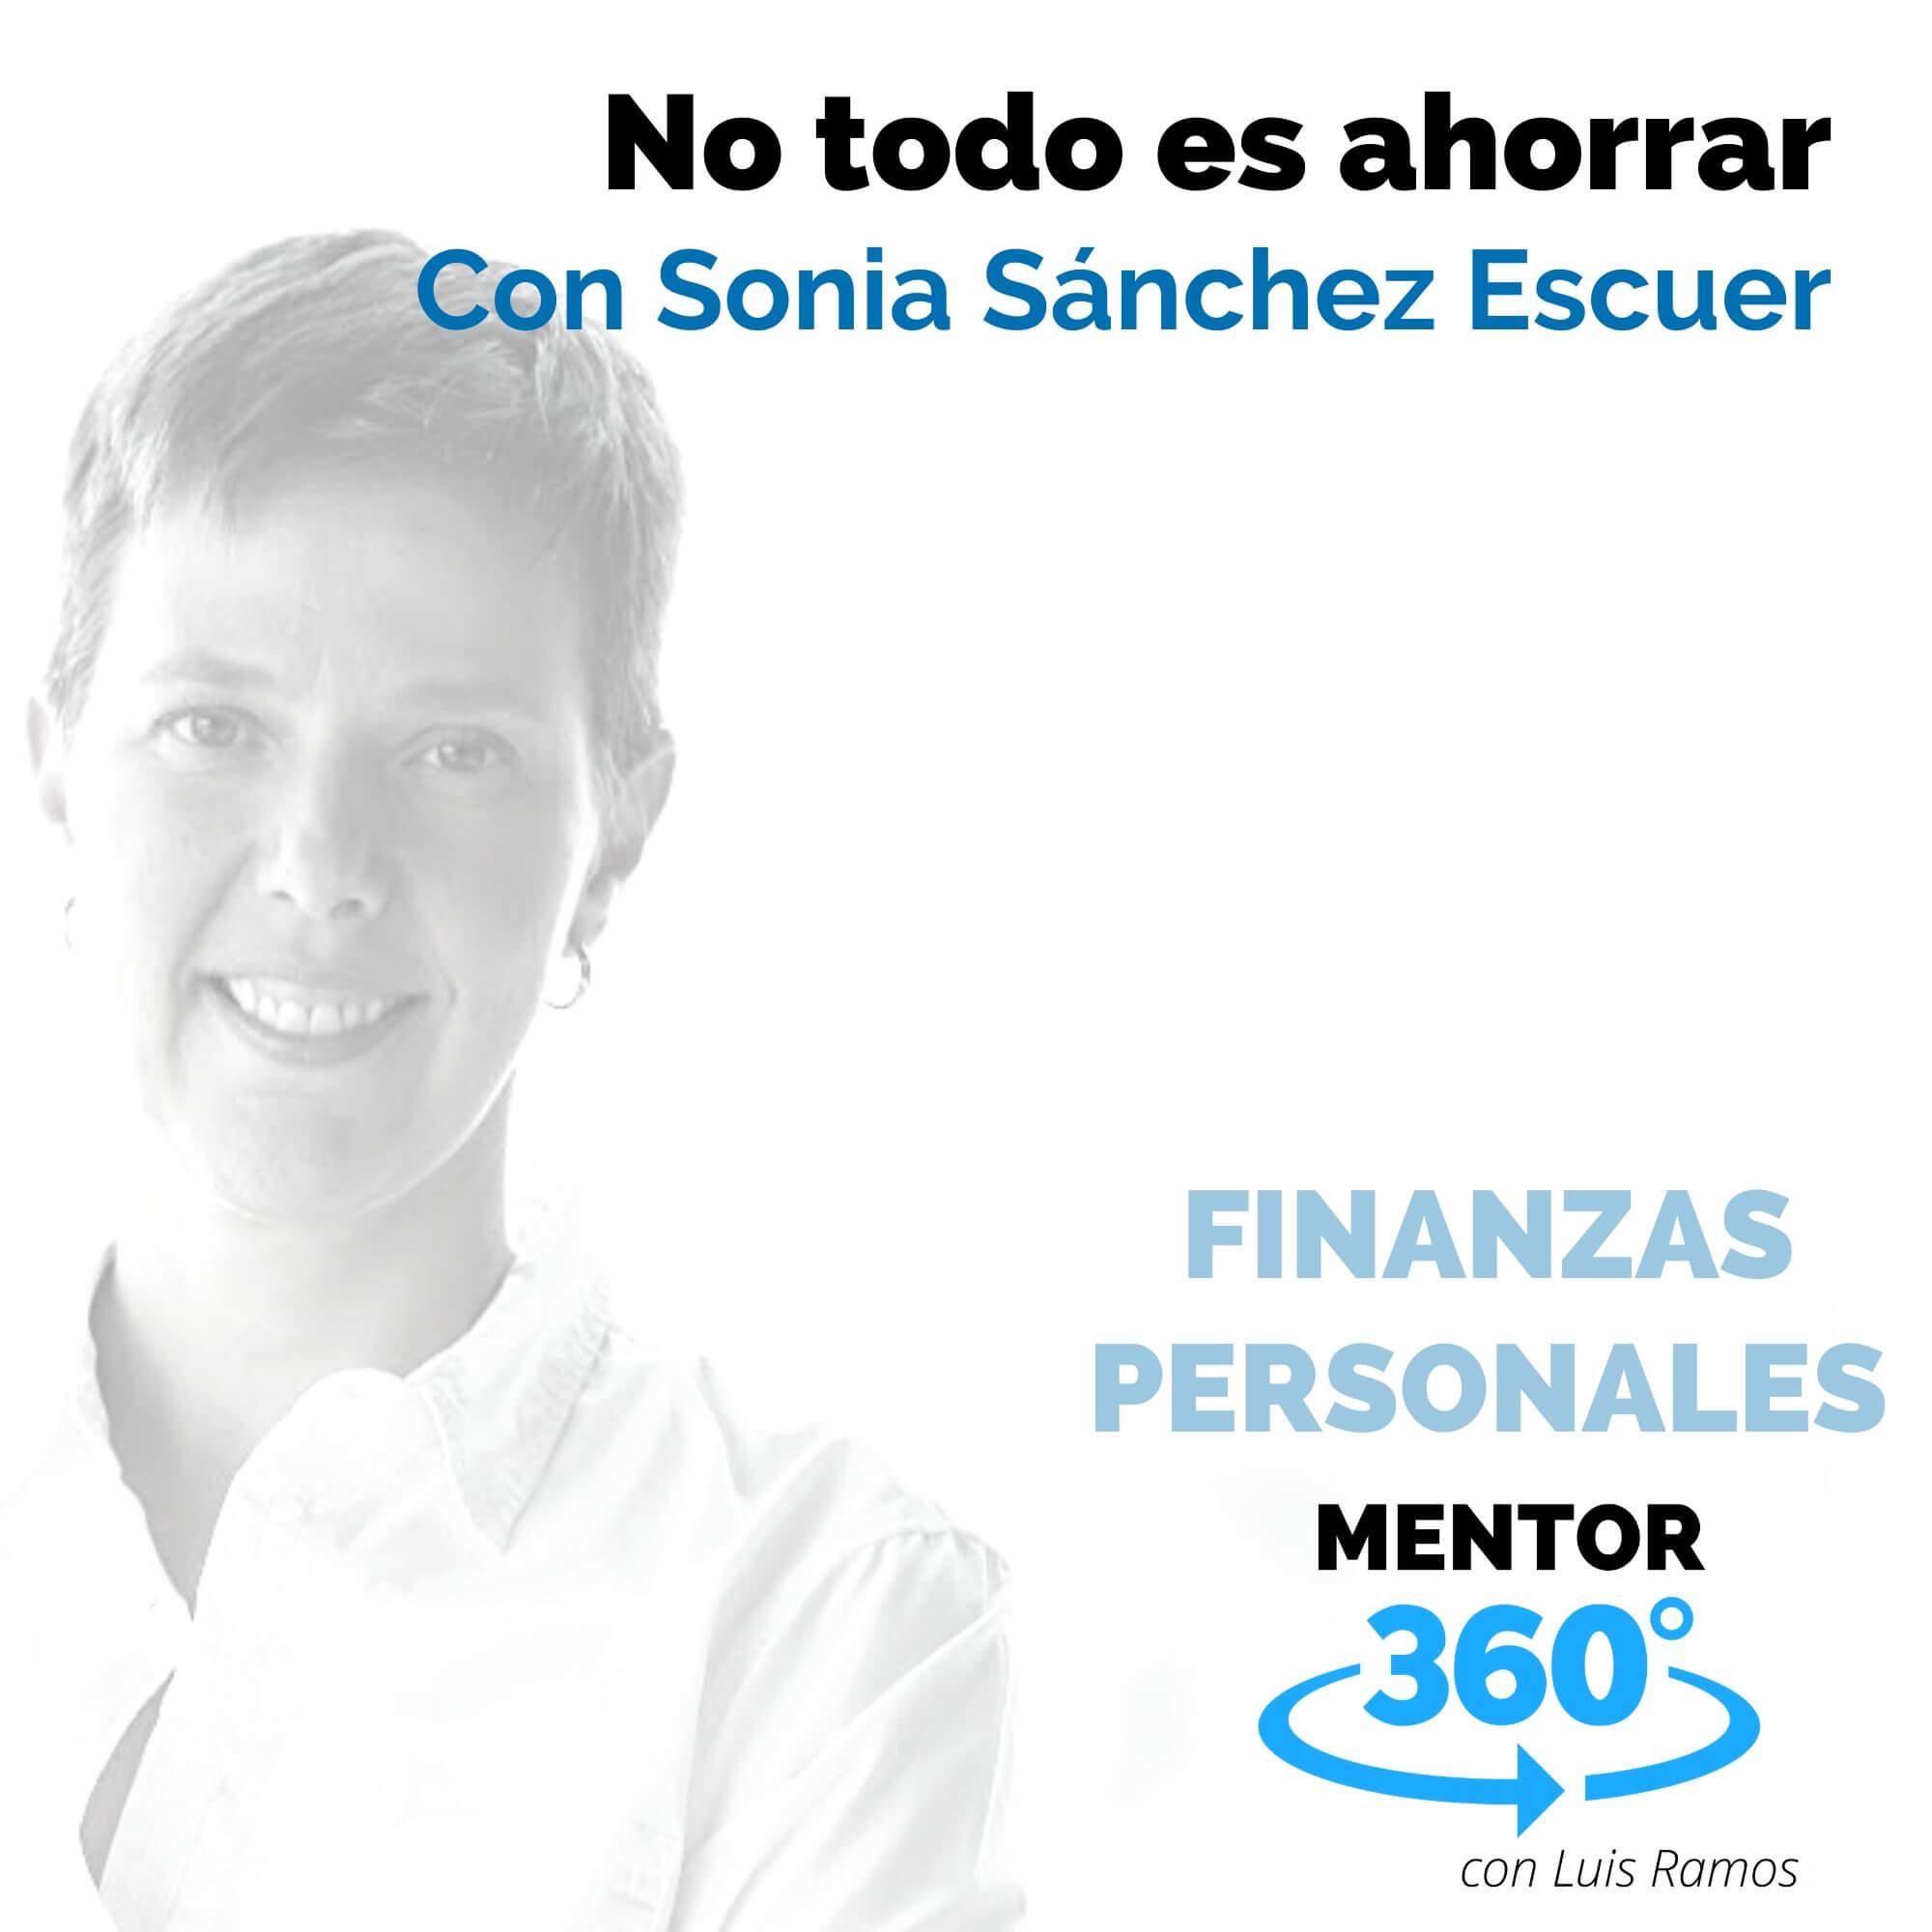 No todo es ahorrar, con Sonia Sánchez Escuer - FINANZAS PERSONALES